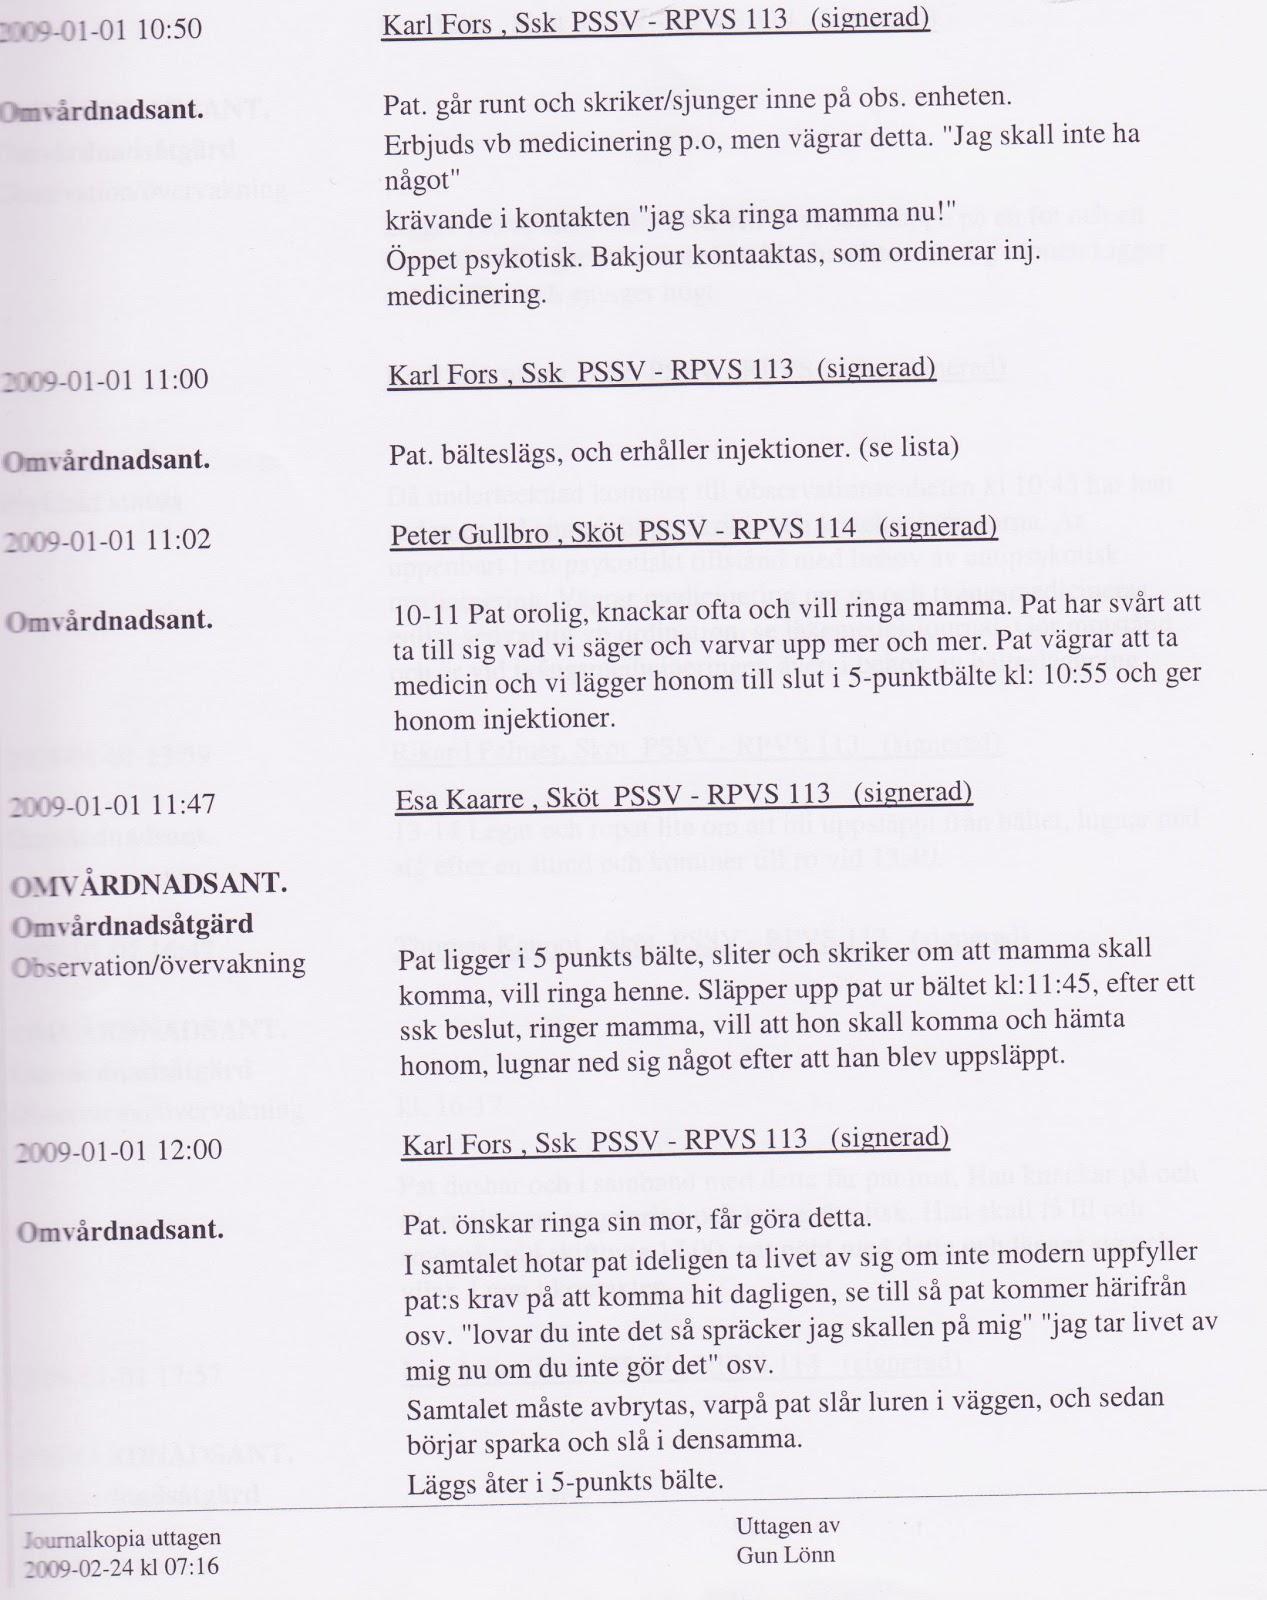 Nastan alla talar om 2008 01 11